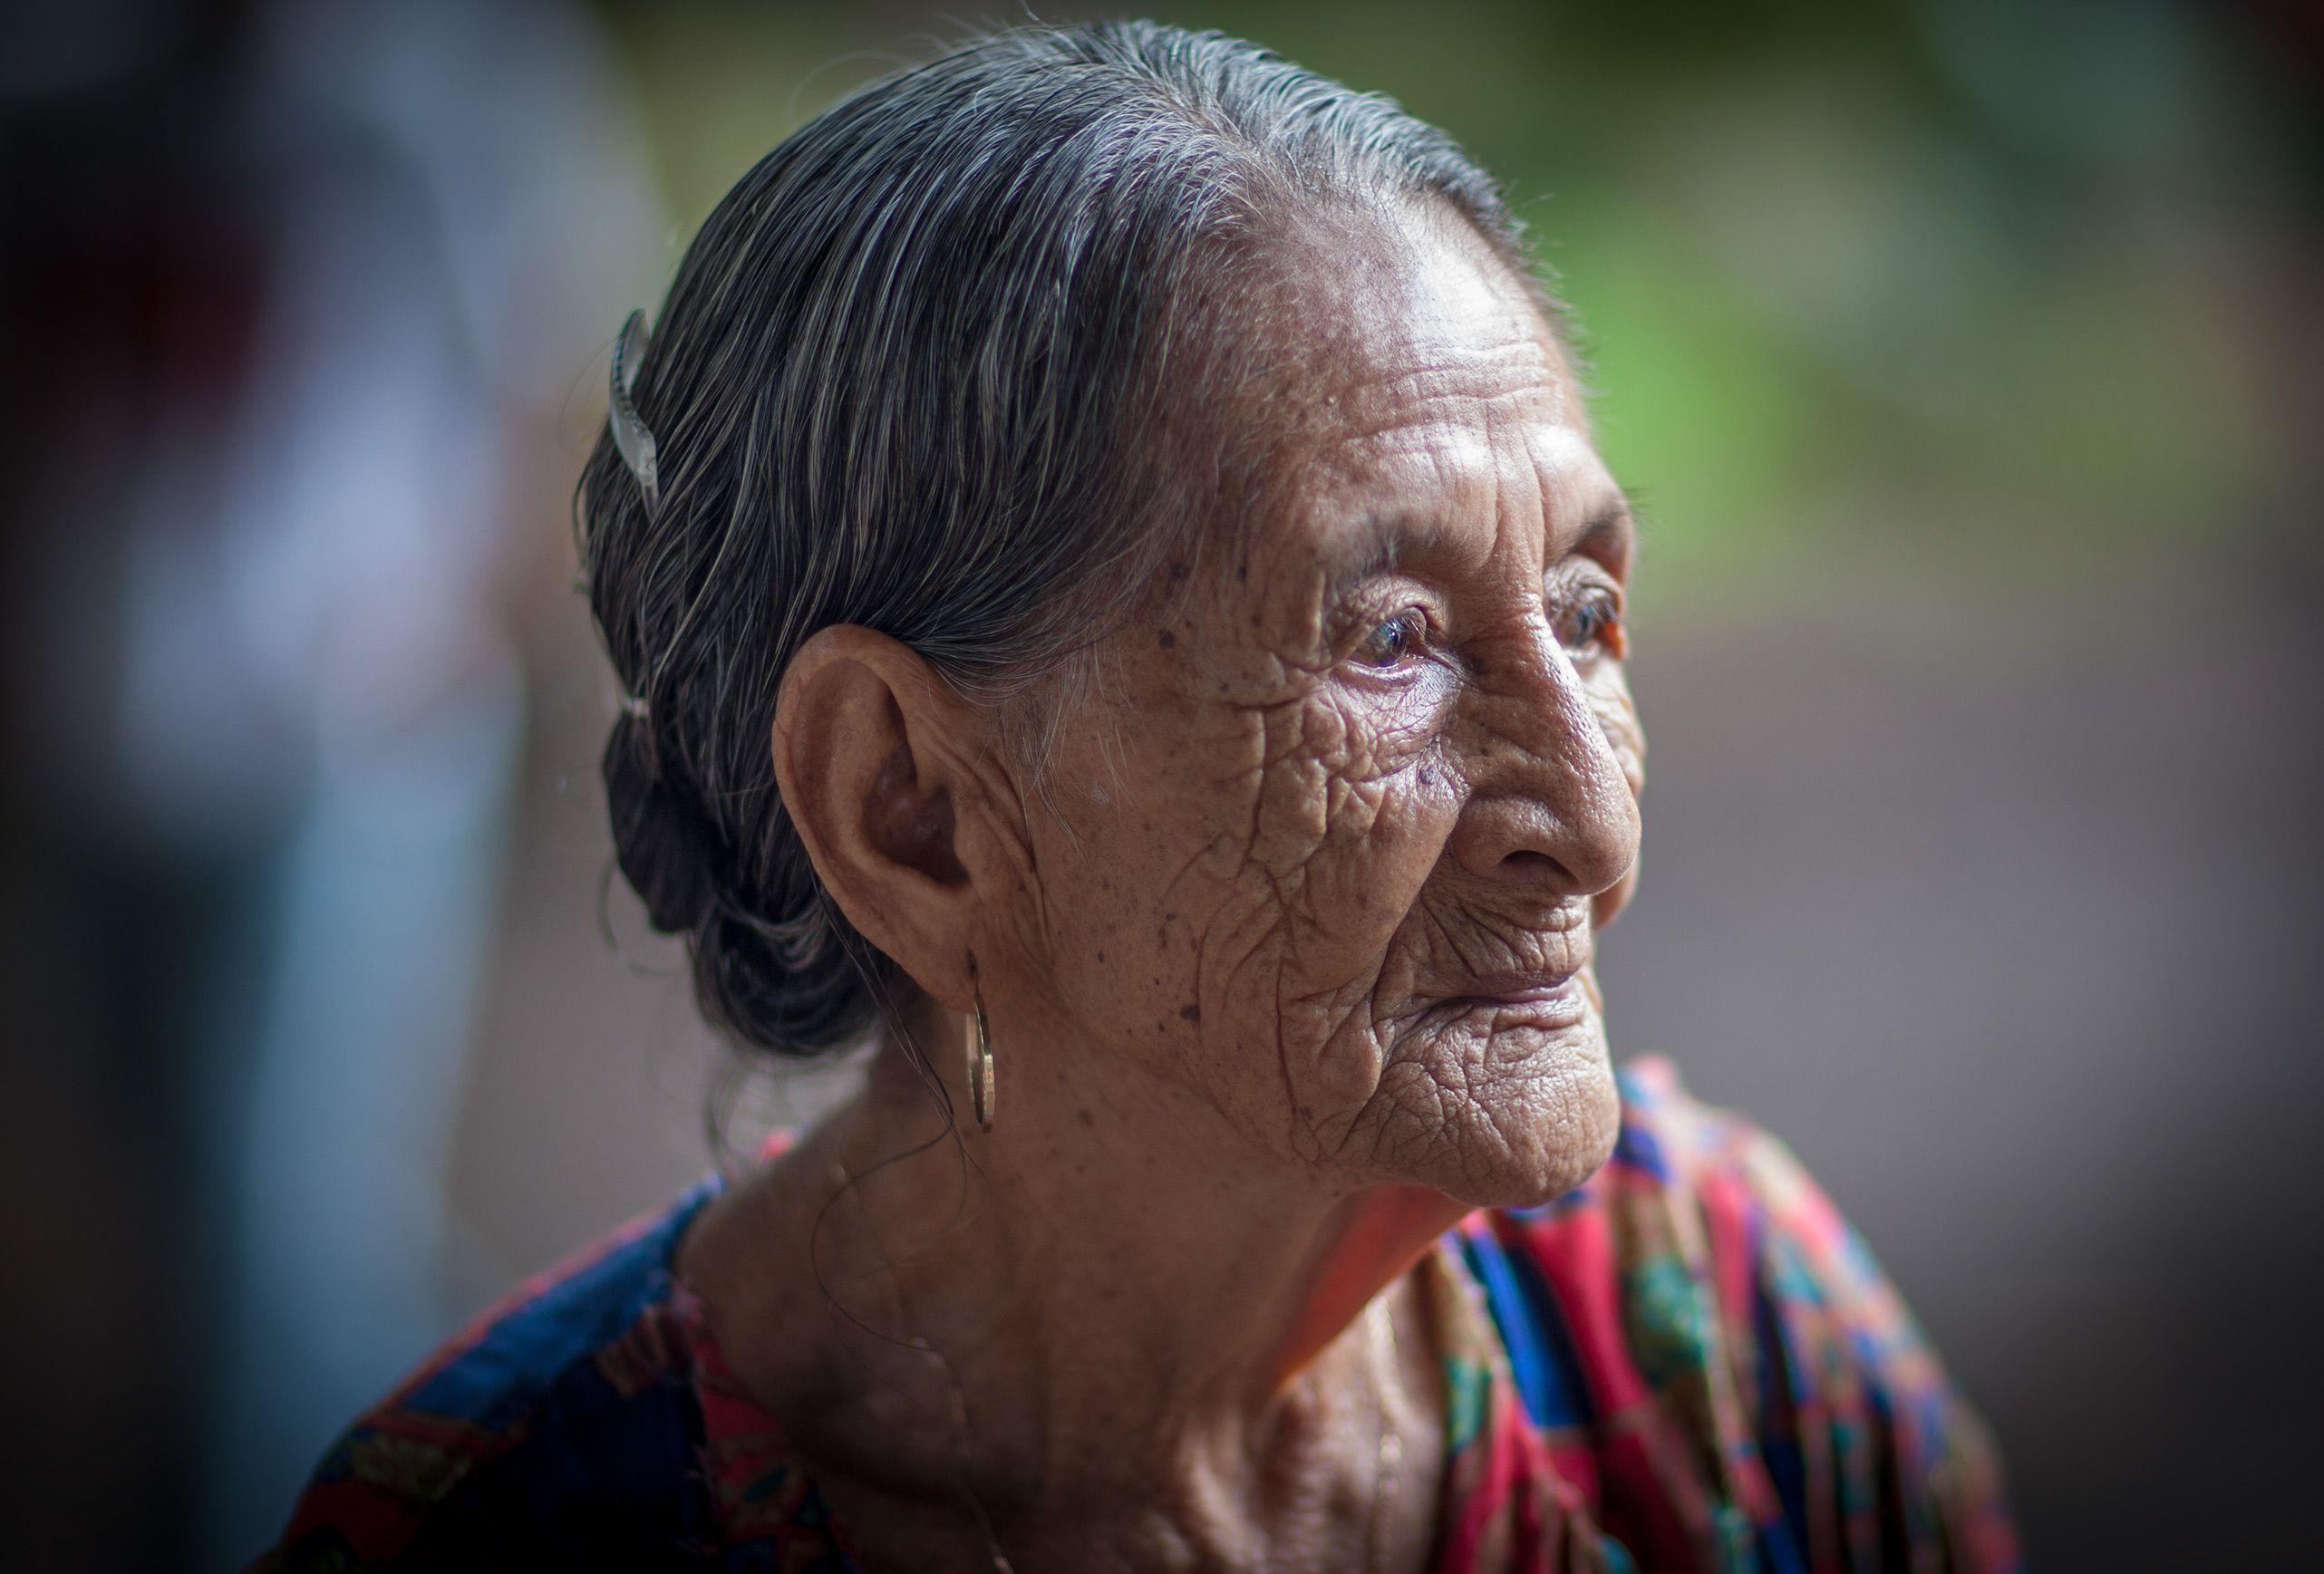 NicaraguaWoman.jpg